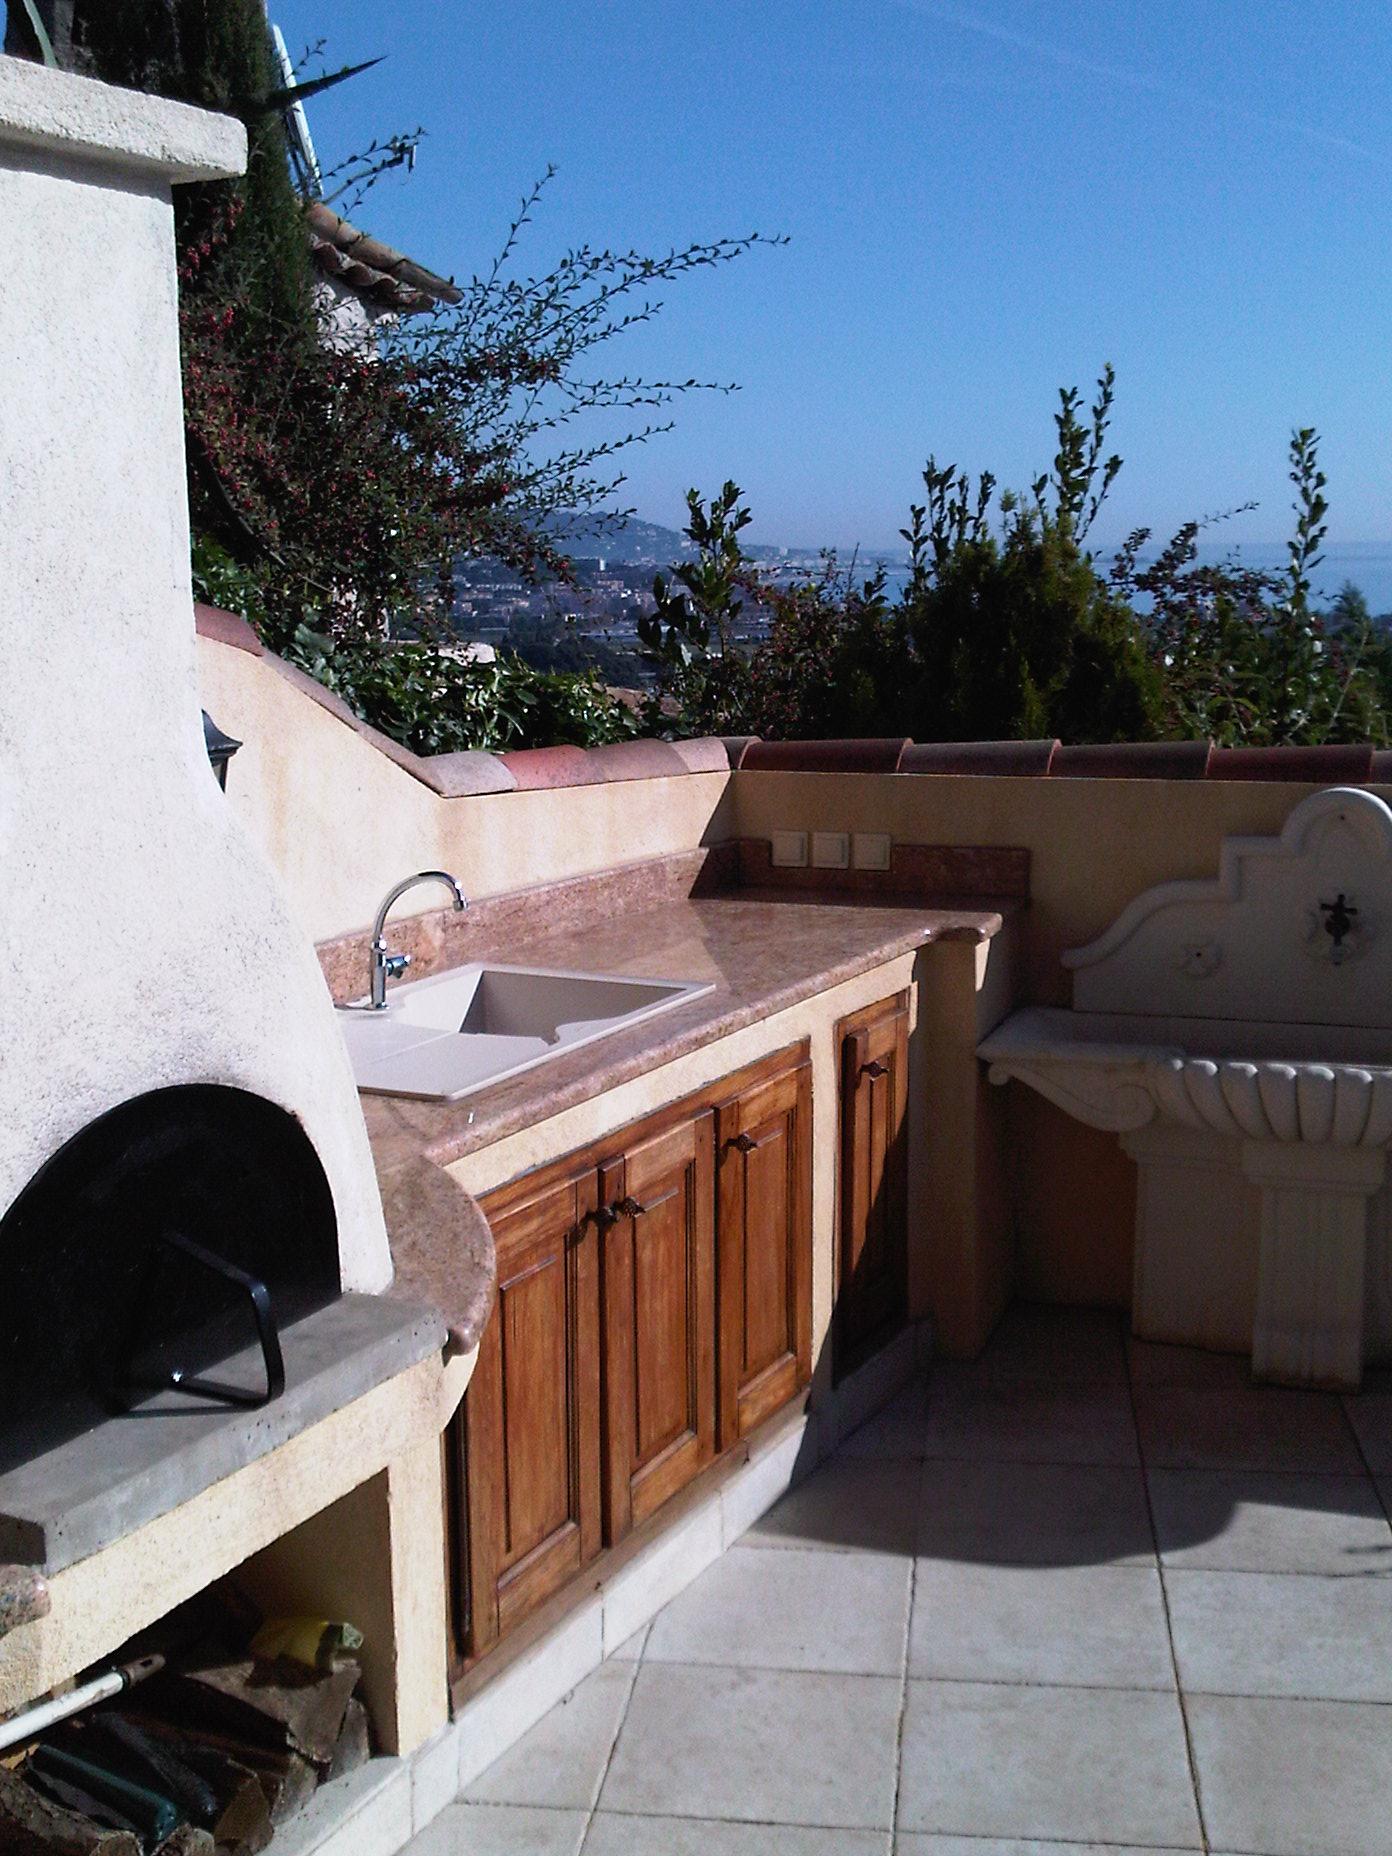 madura aubergine archives france azur france azur. Black Bedroom Furniture Sets. Home Design Ideas